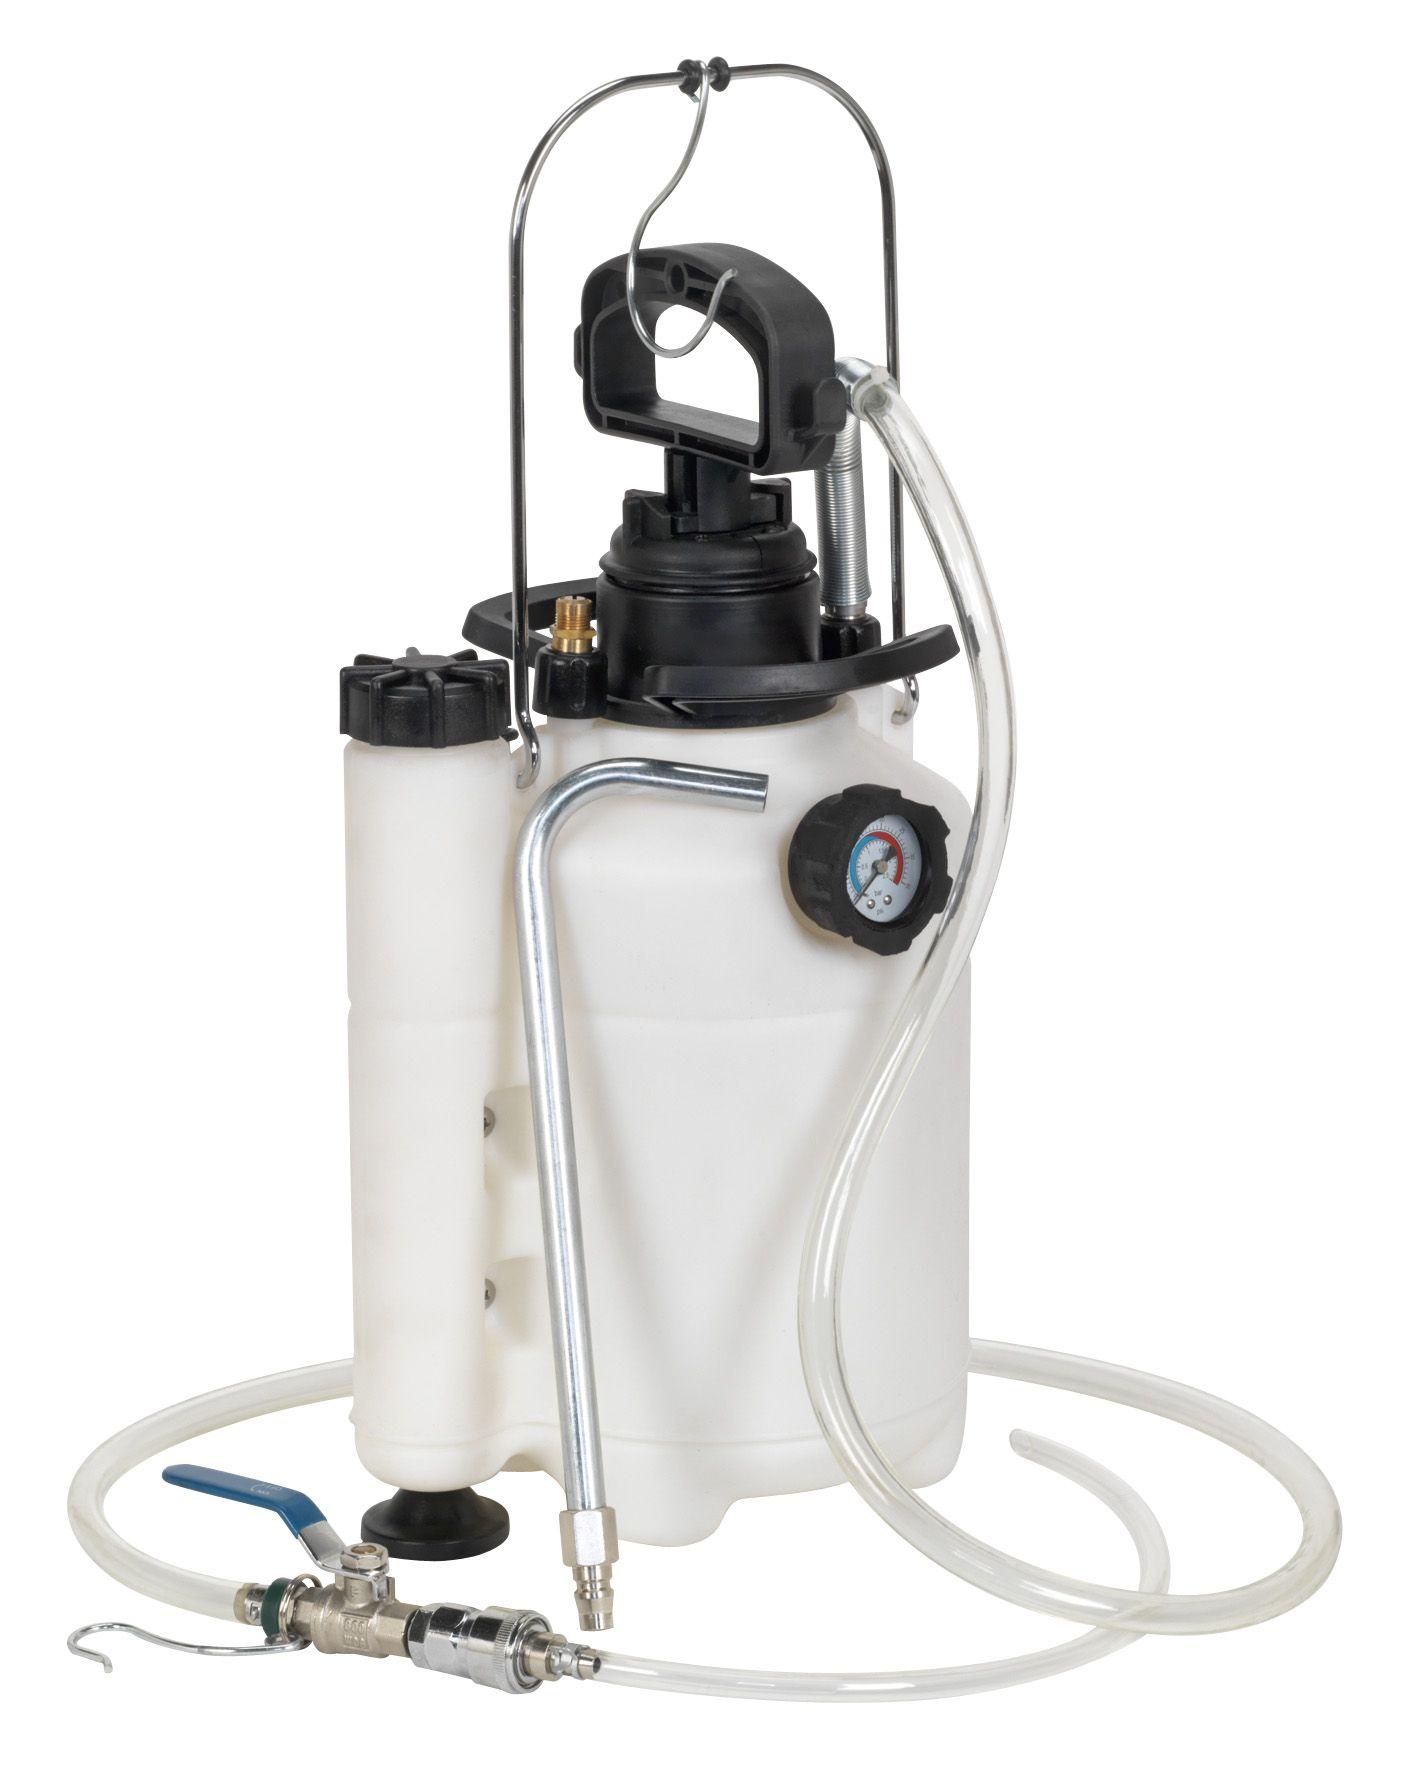 Sealey Transmission Oil Filling System 5L